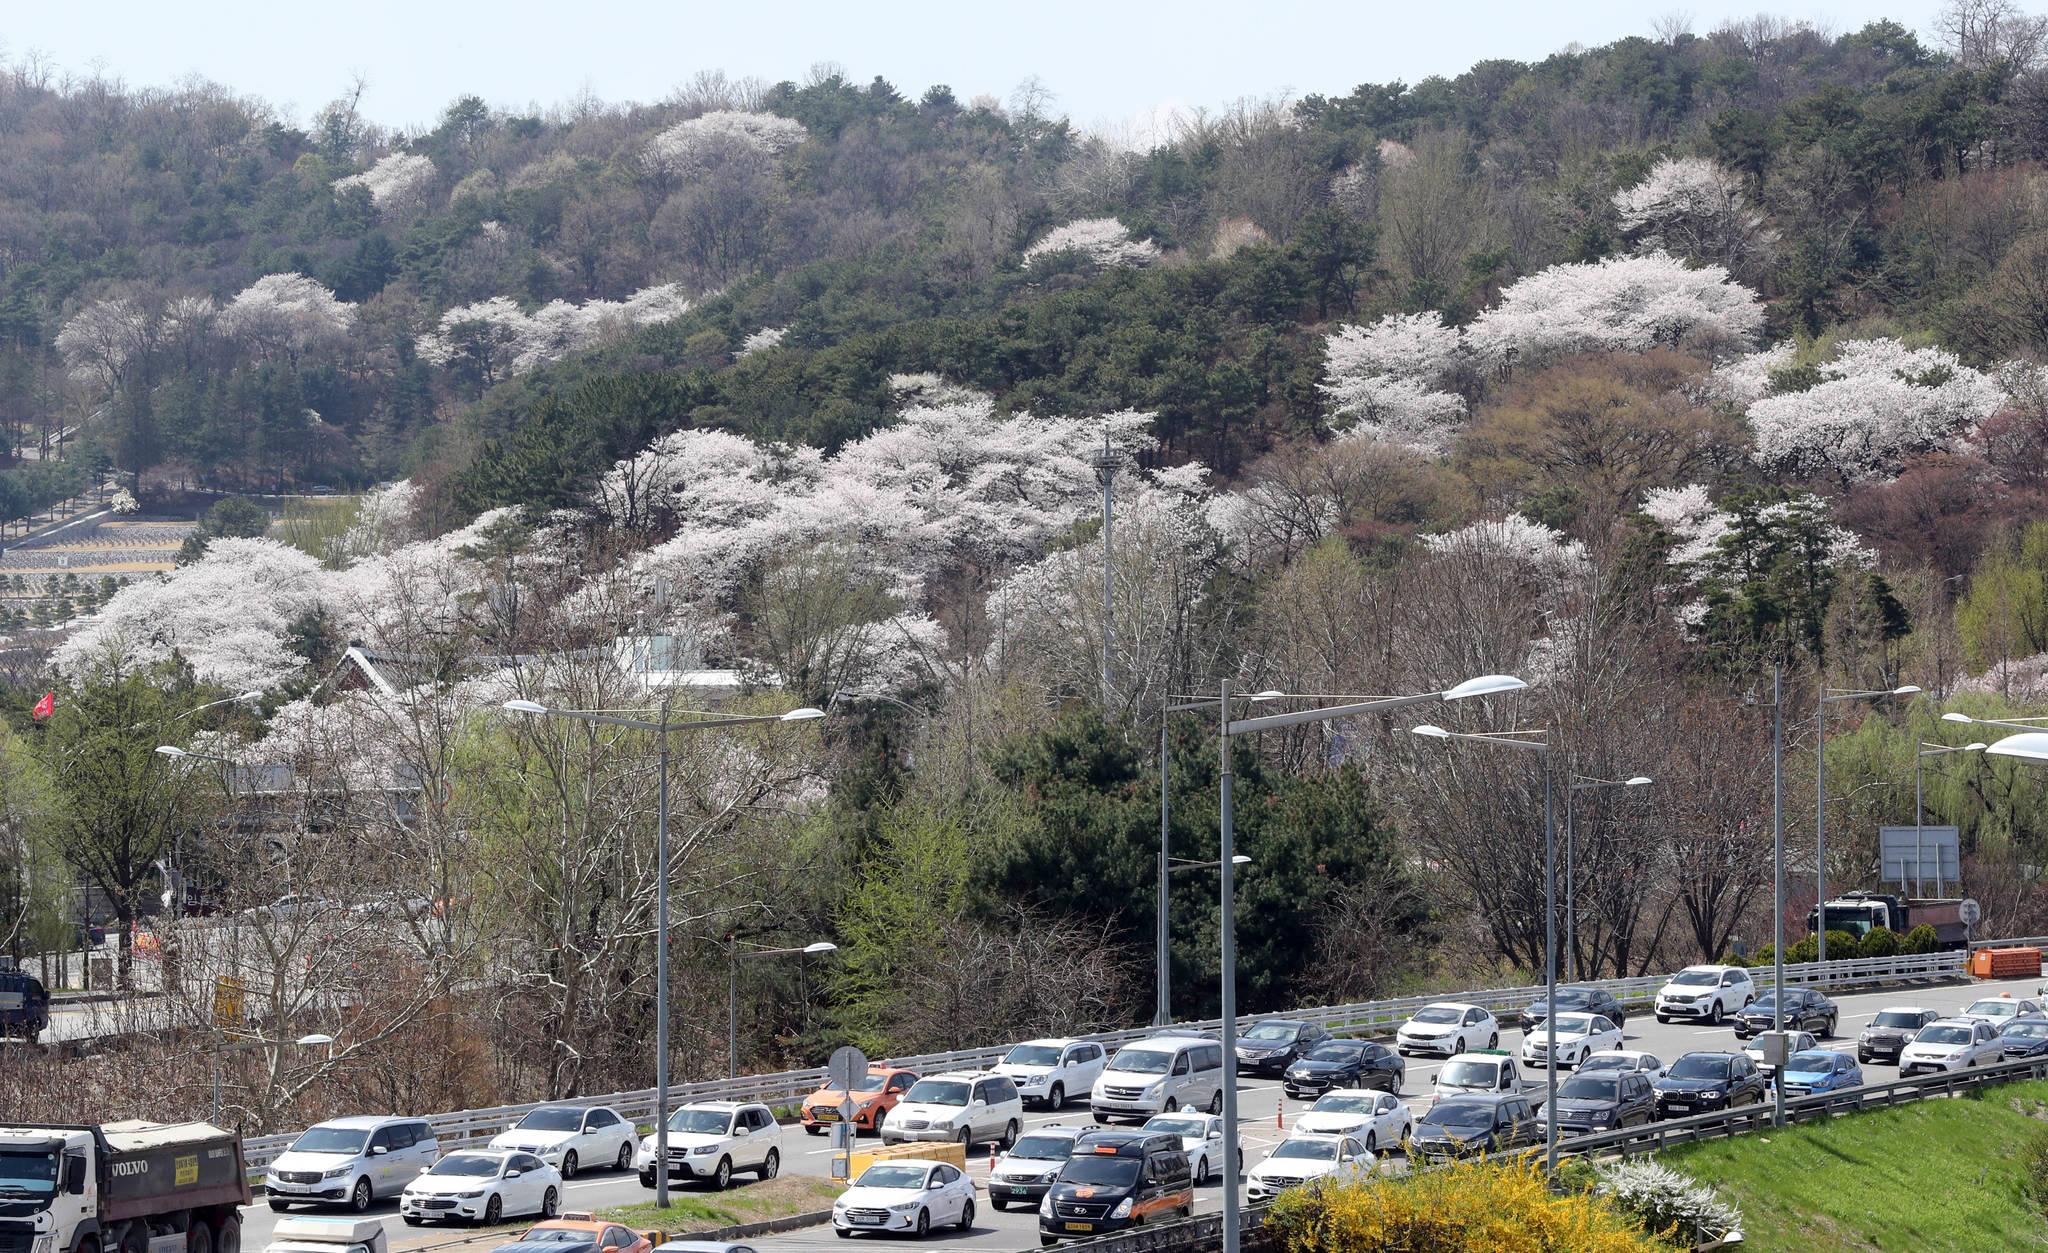 동작동 국림서울현충원에는 곳곳에 벚나무들이 산재해 있다. 강정현 기자